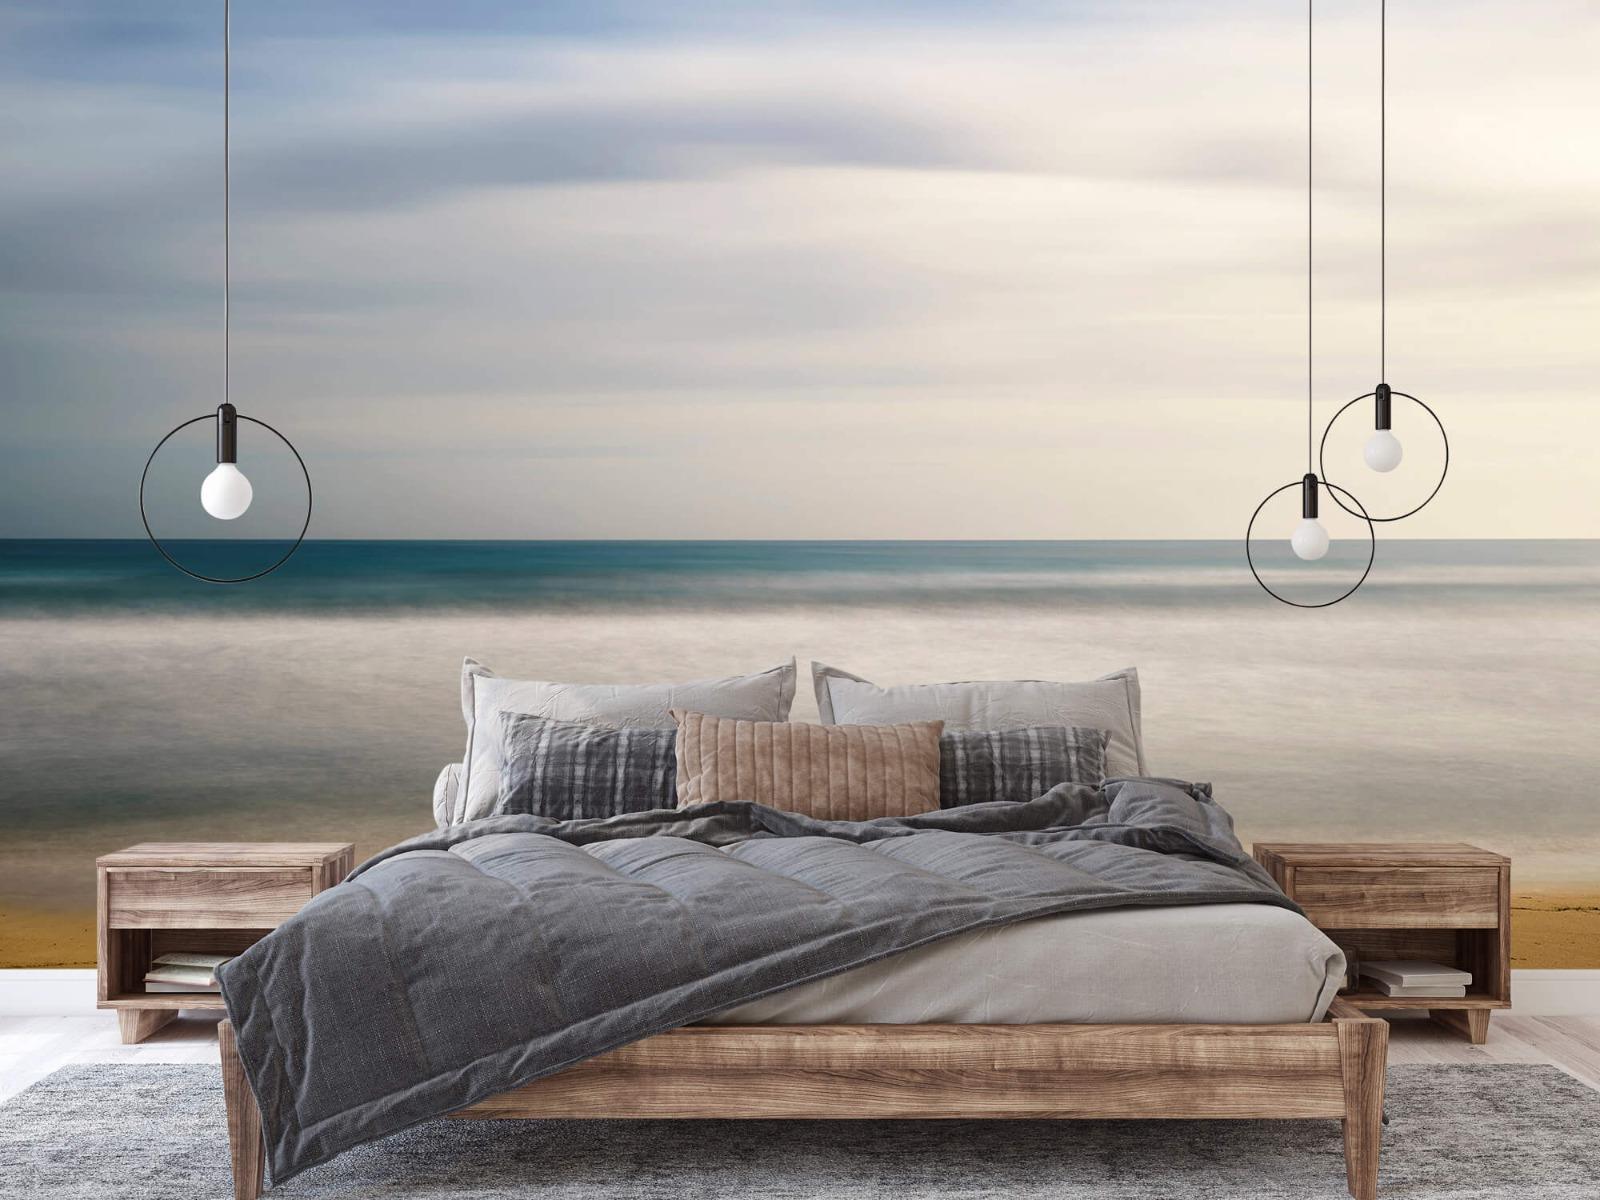 Zeeën en Oceanen - Open zee - Slaapkamer 3